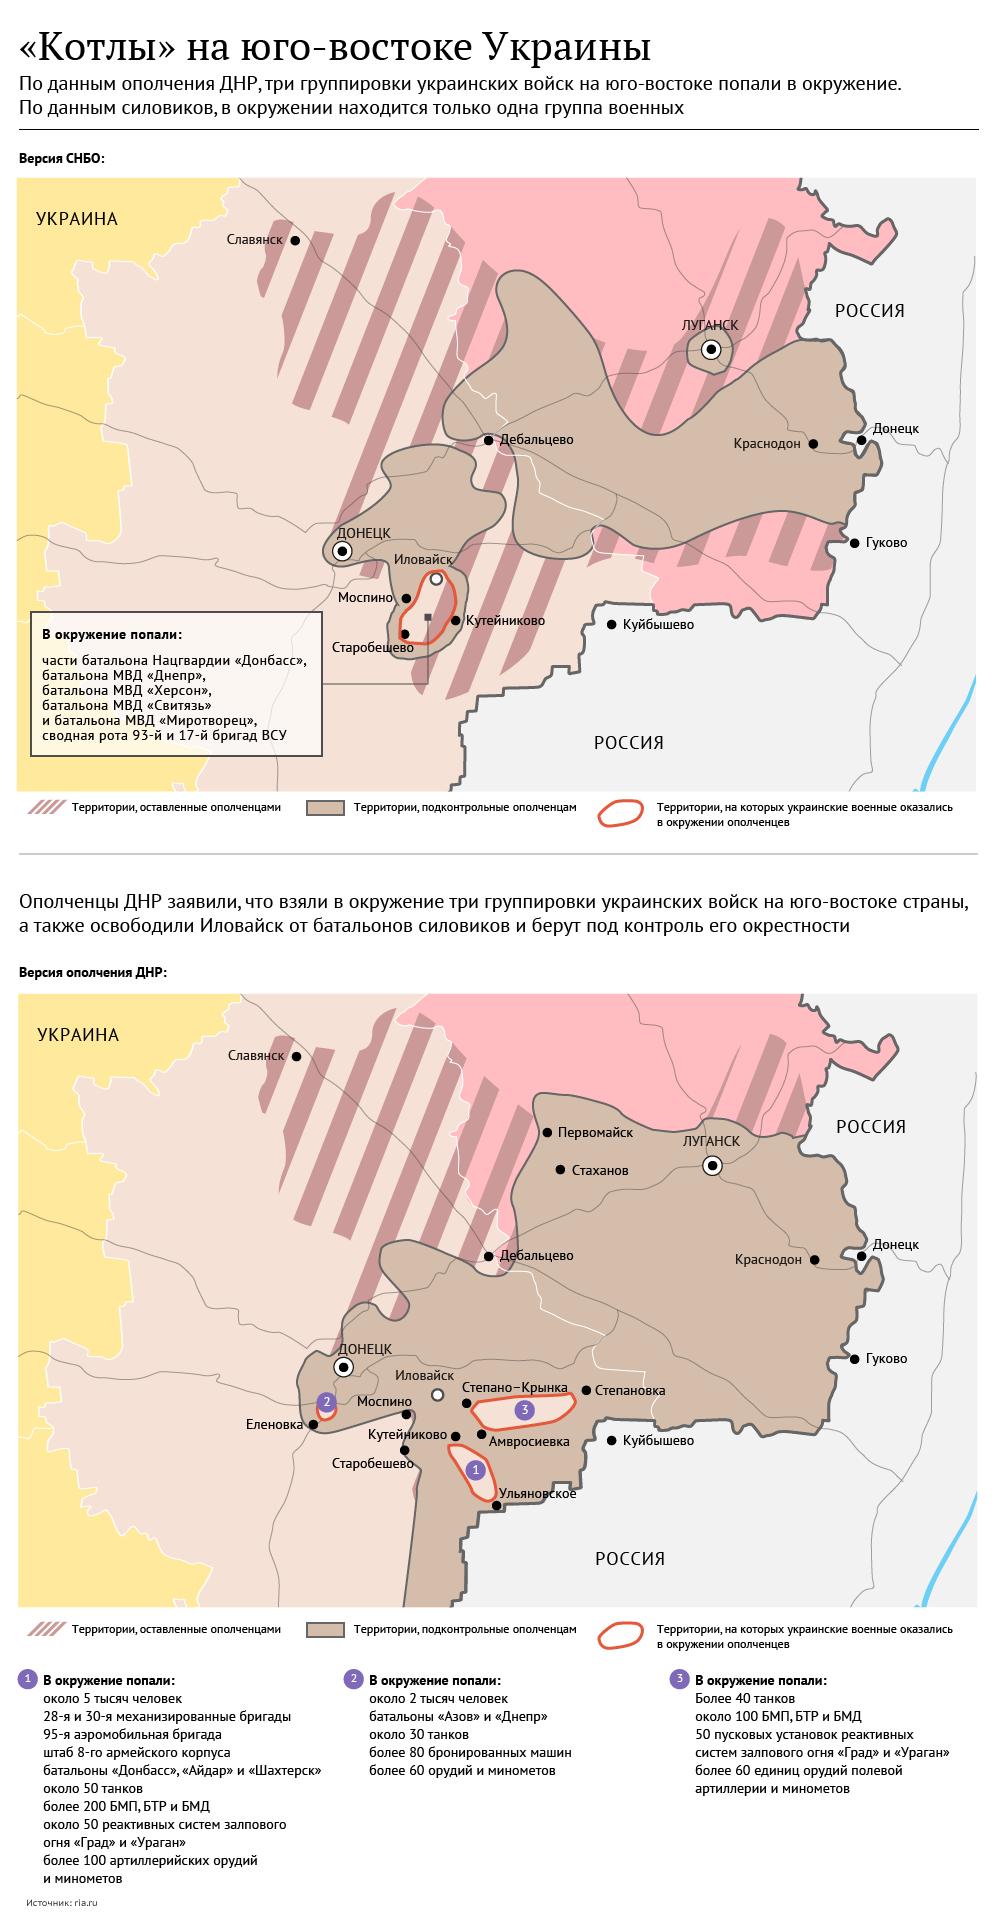 Котлы на юго-востоке Украины